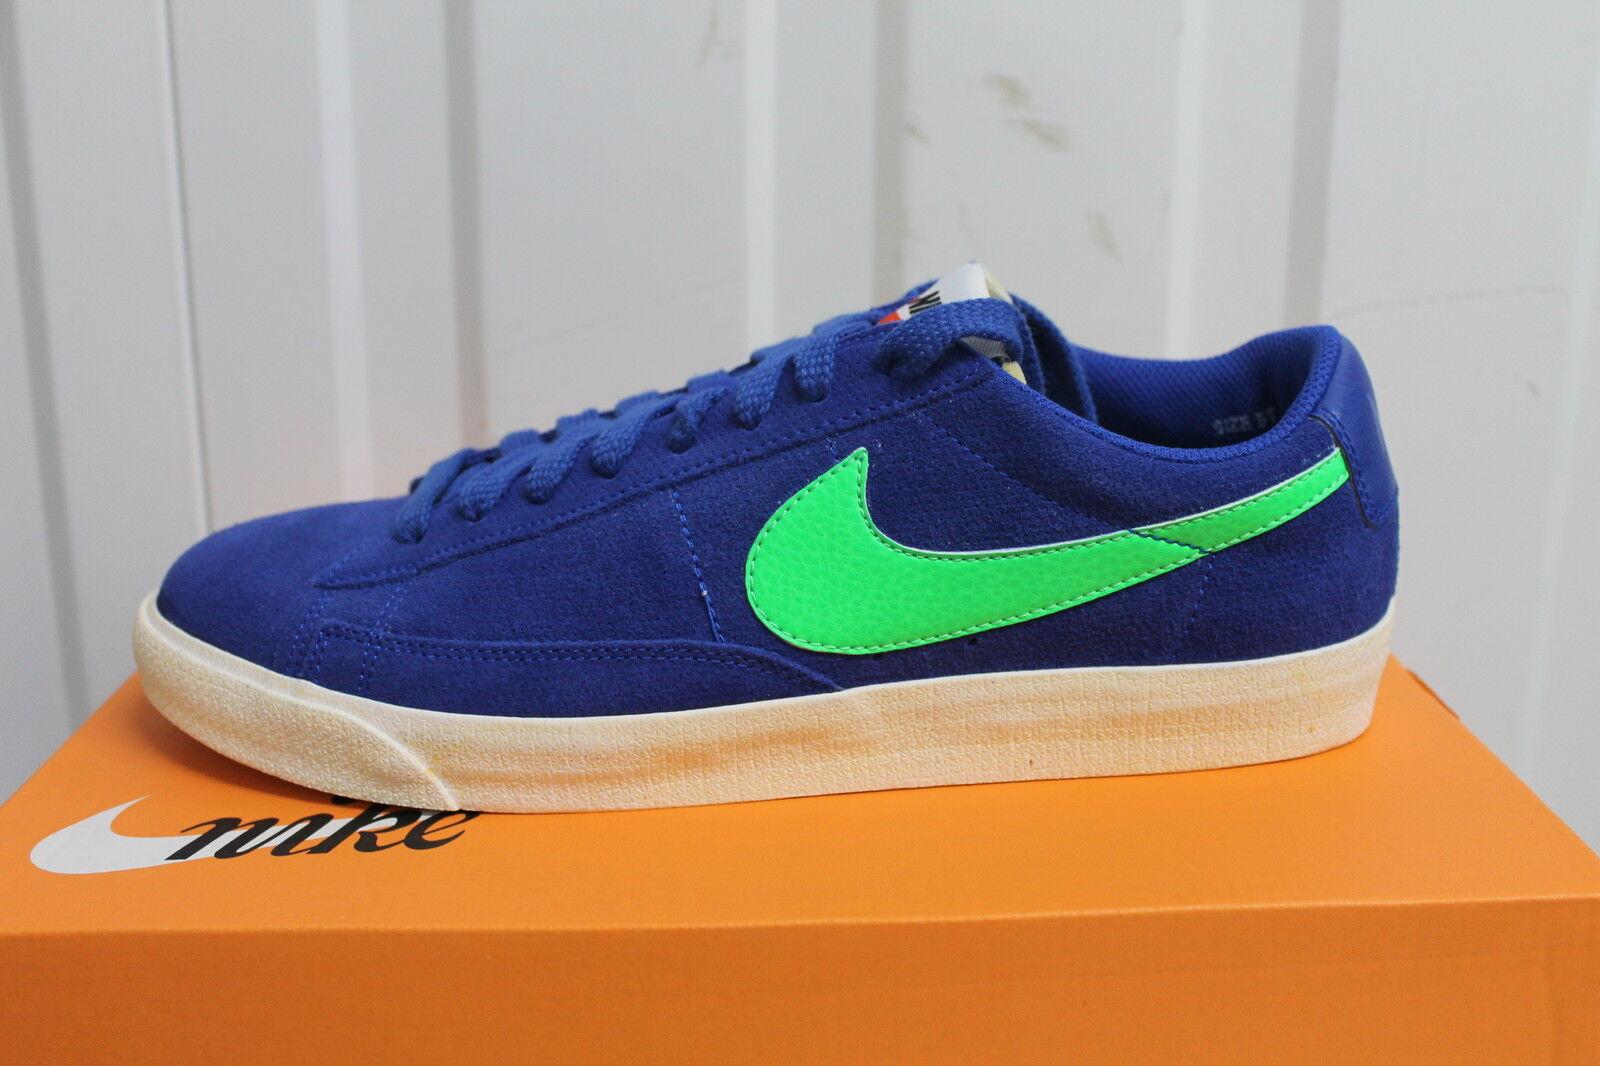 uk availability 2d9d8 062c5 Nike Blazer Premium bajos los hombres, S S S 558527-431 reducción de precios  Wild Casual